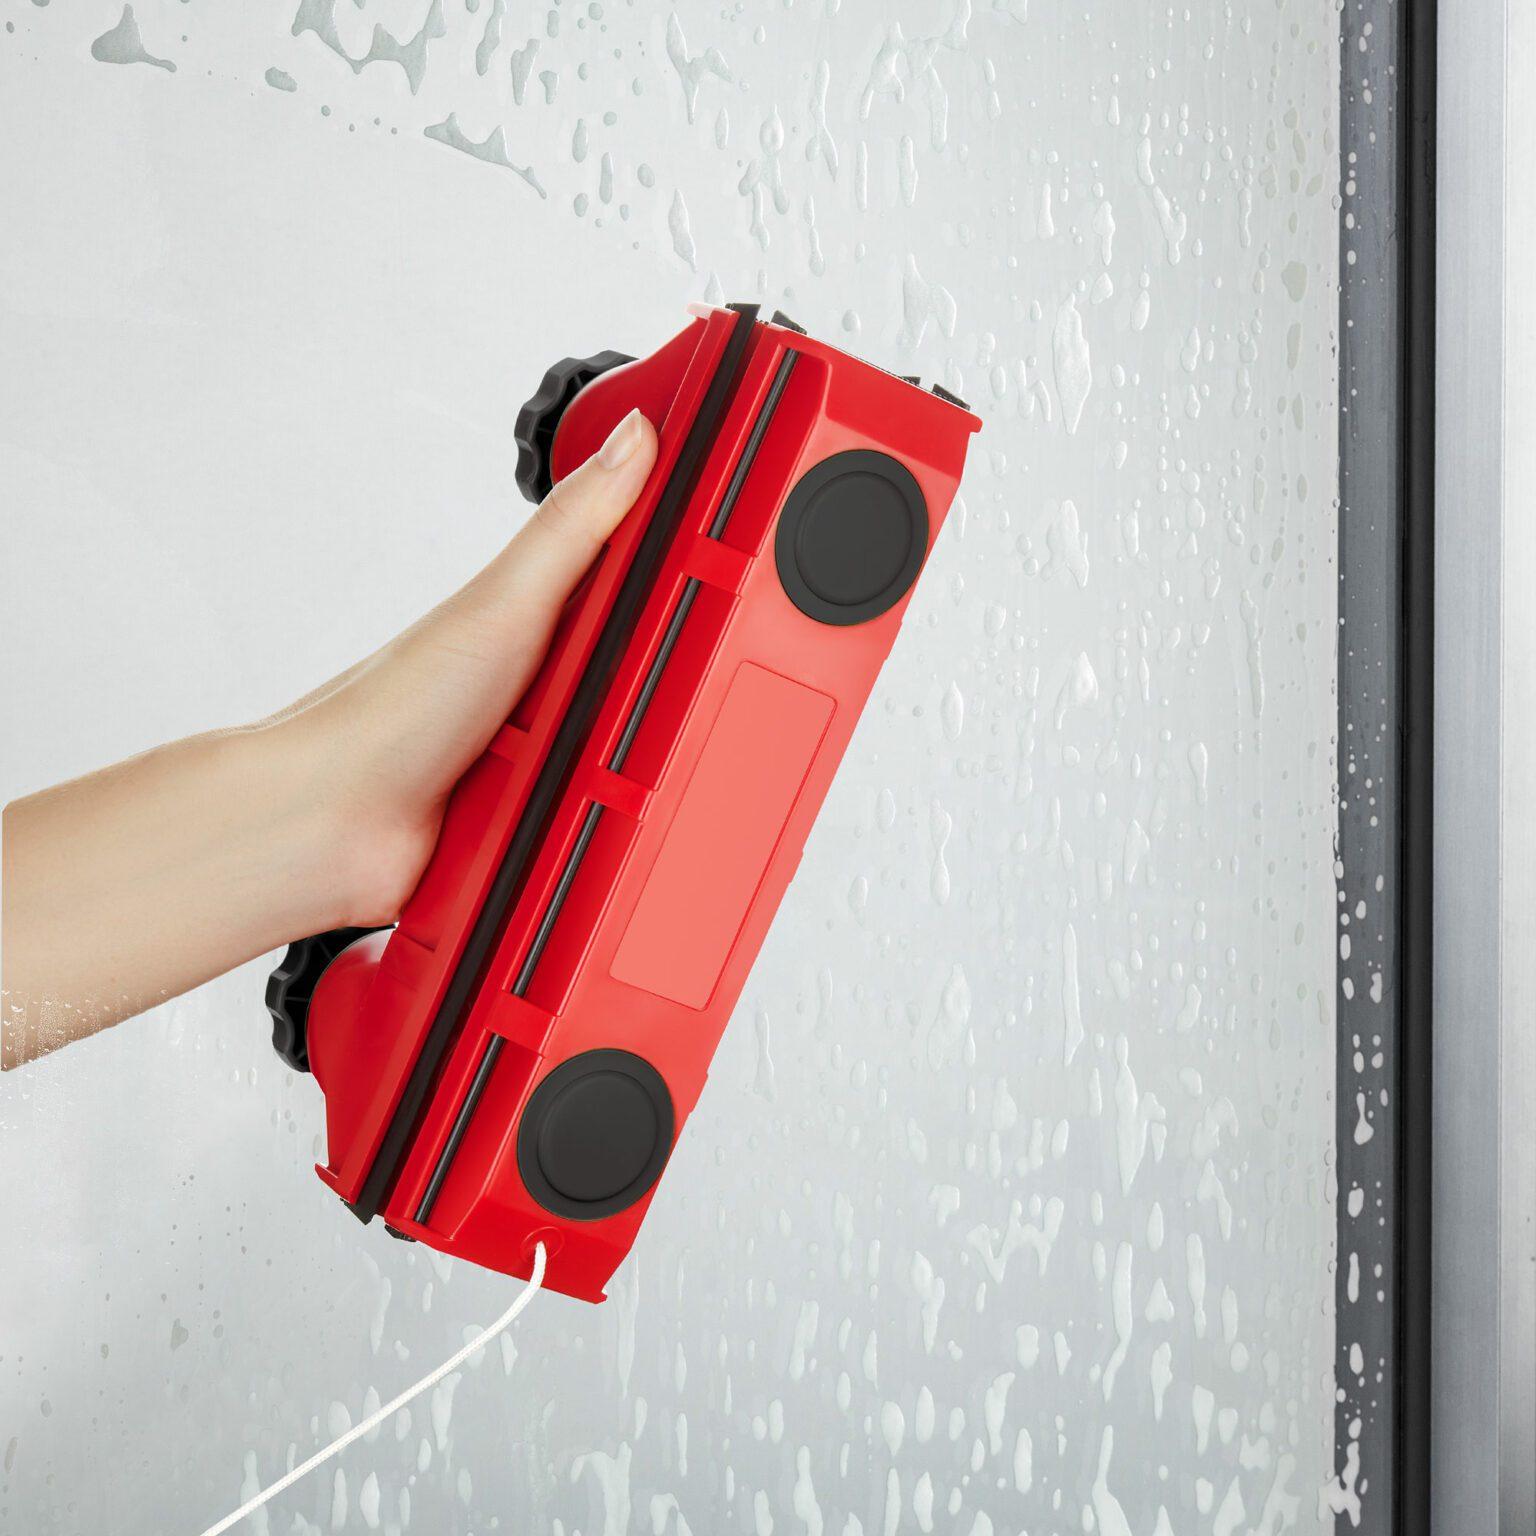 גליידר D-2 מתכוונן- אוניברסלי,מנקה חלונות דו צדדי, לחלונות בעובי בין 2-18 מילימטר